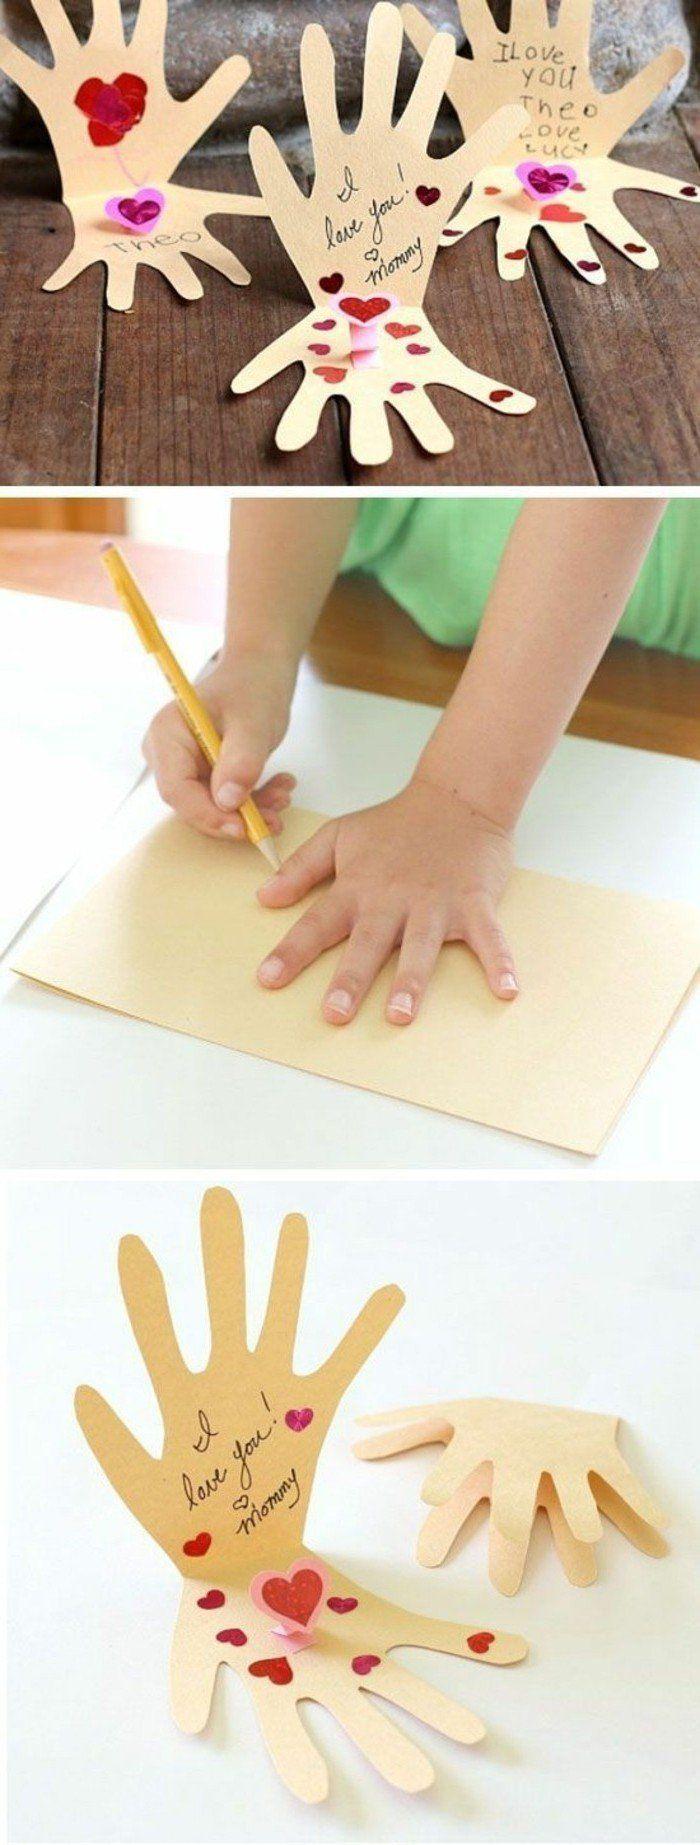 Pin by alice celeste on education pinterest preschool projects